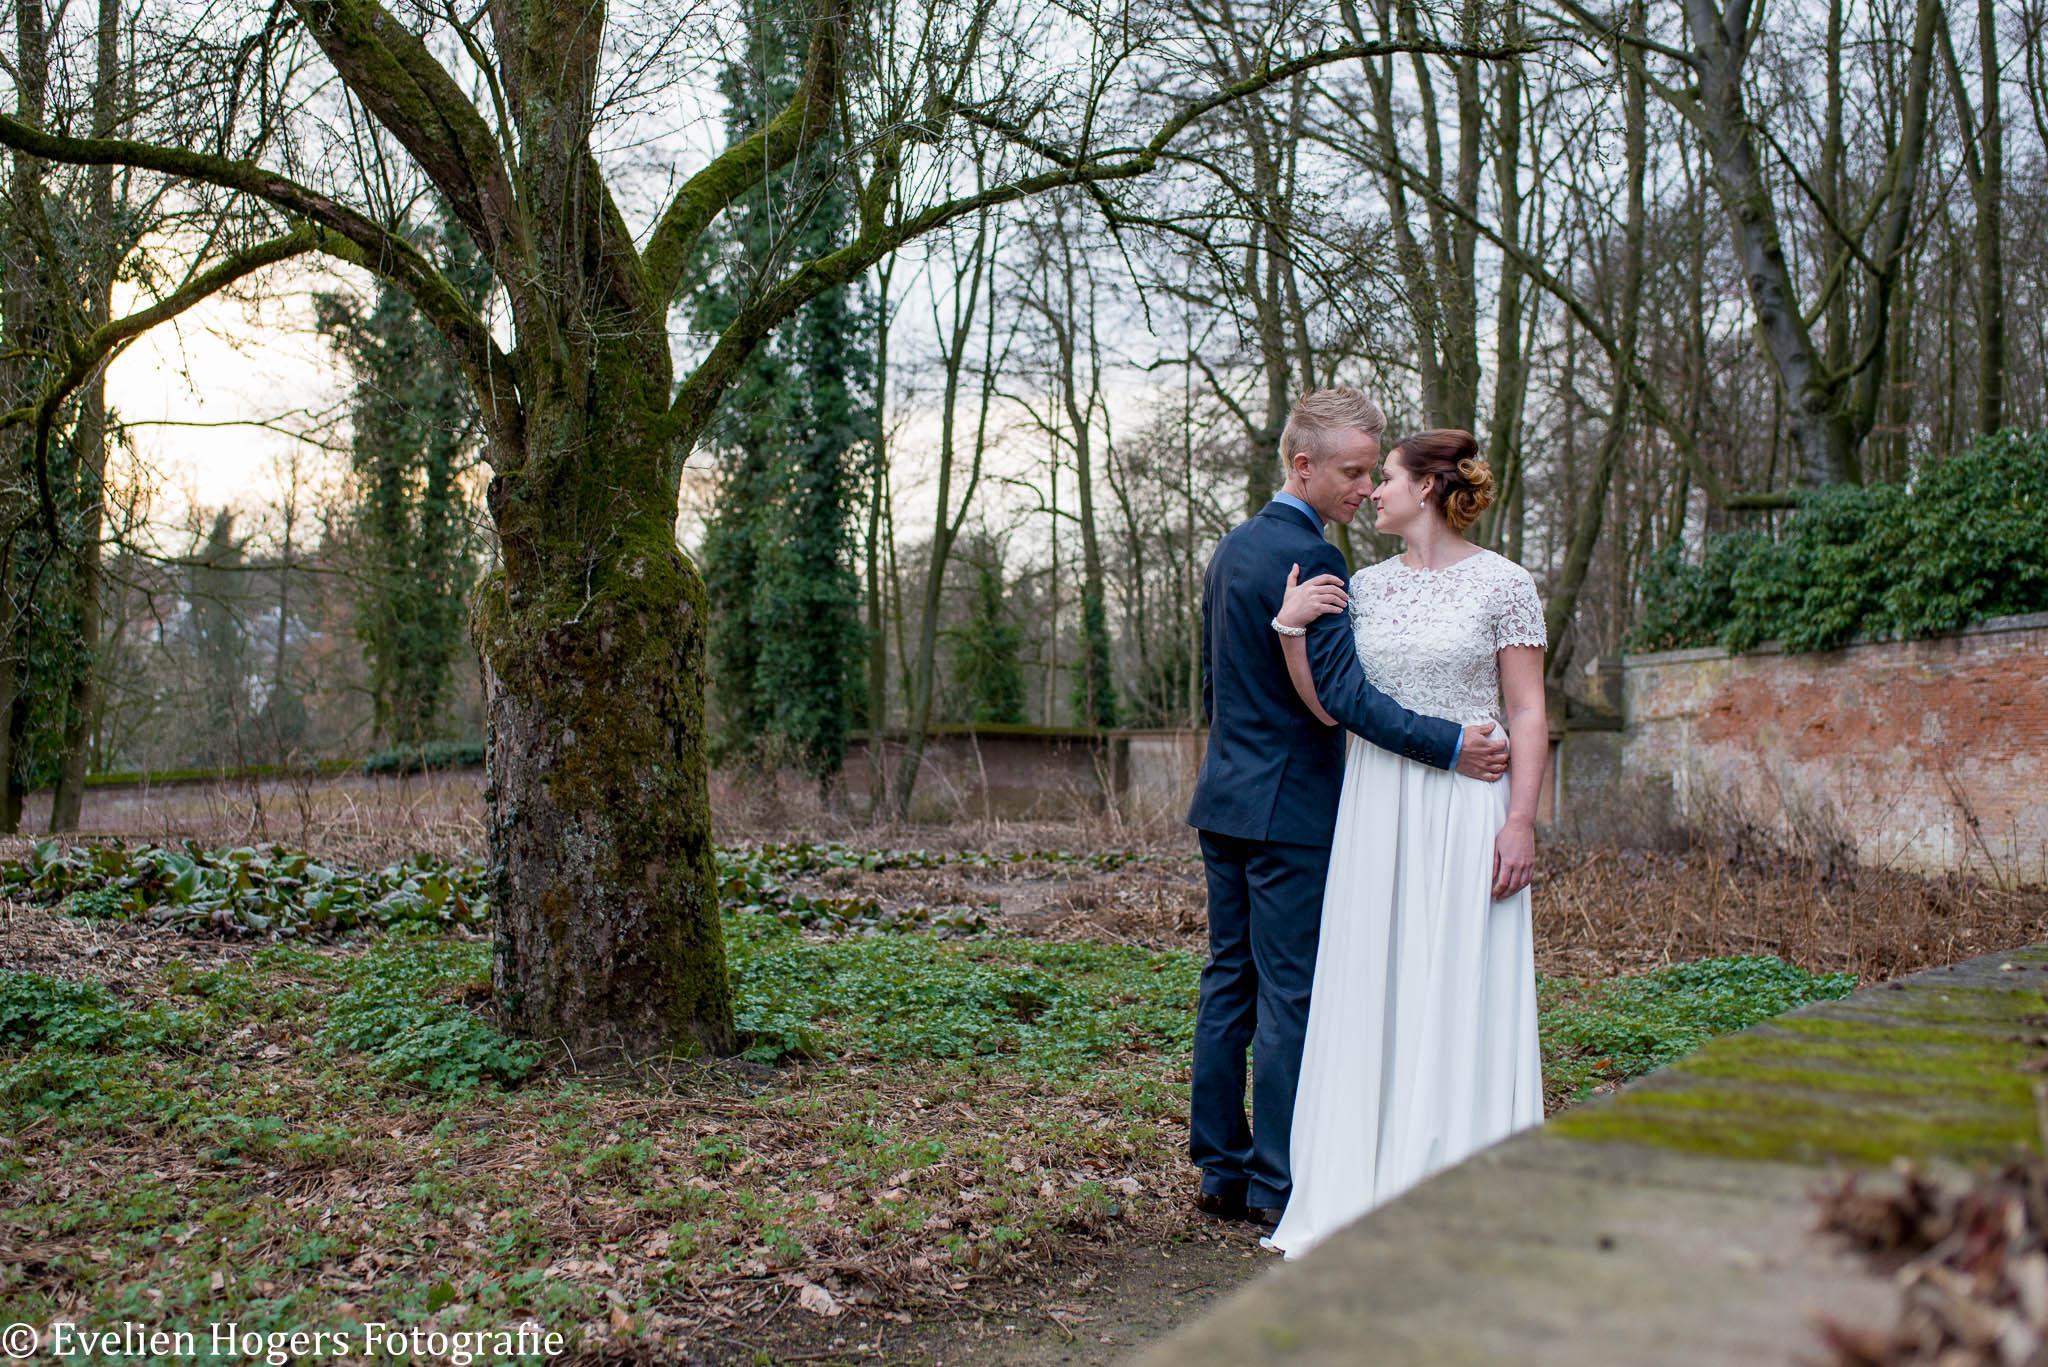 Estate_wedding_Metwatermerk-88.jpg